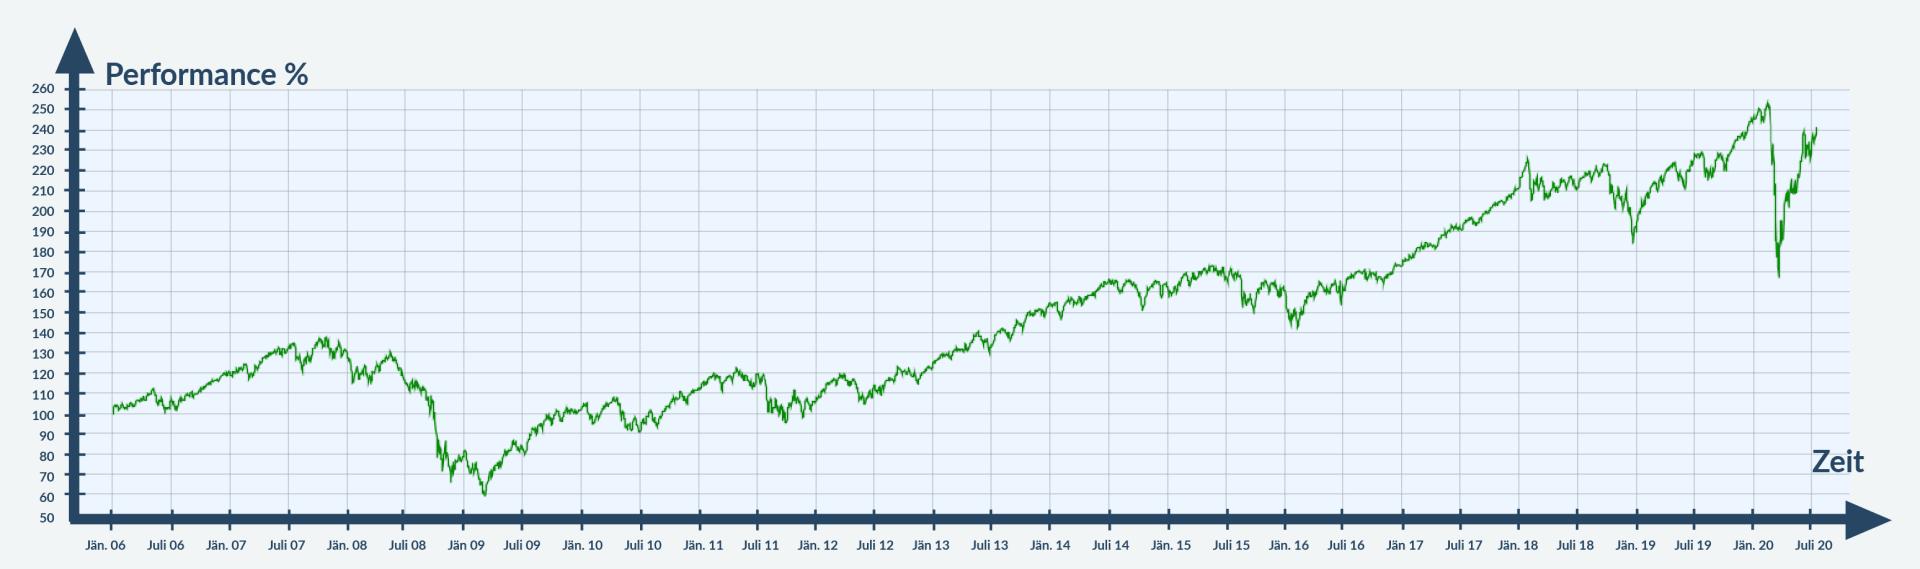 Chart - MSCI World seit Jänner 2006 bis Mitte 2020